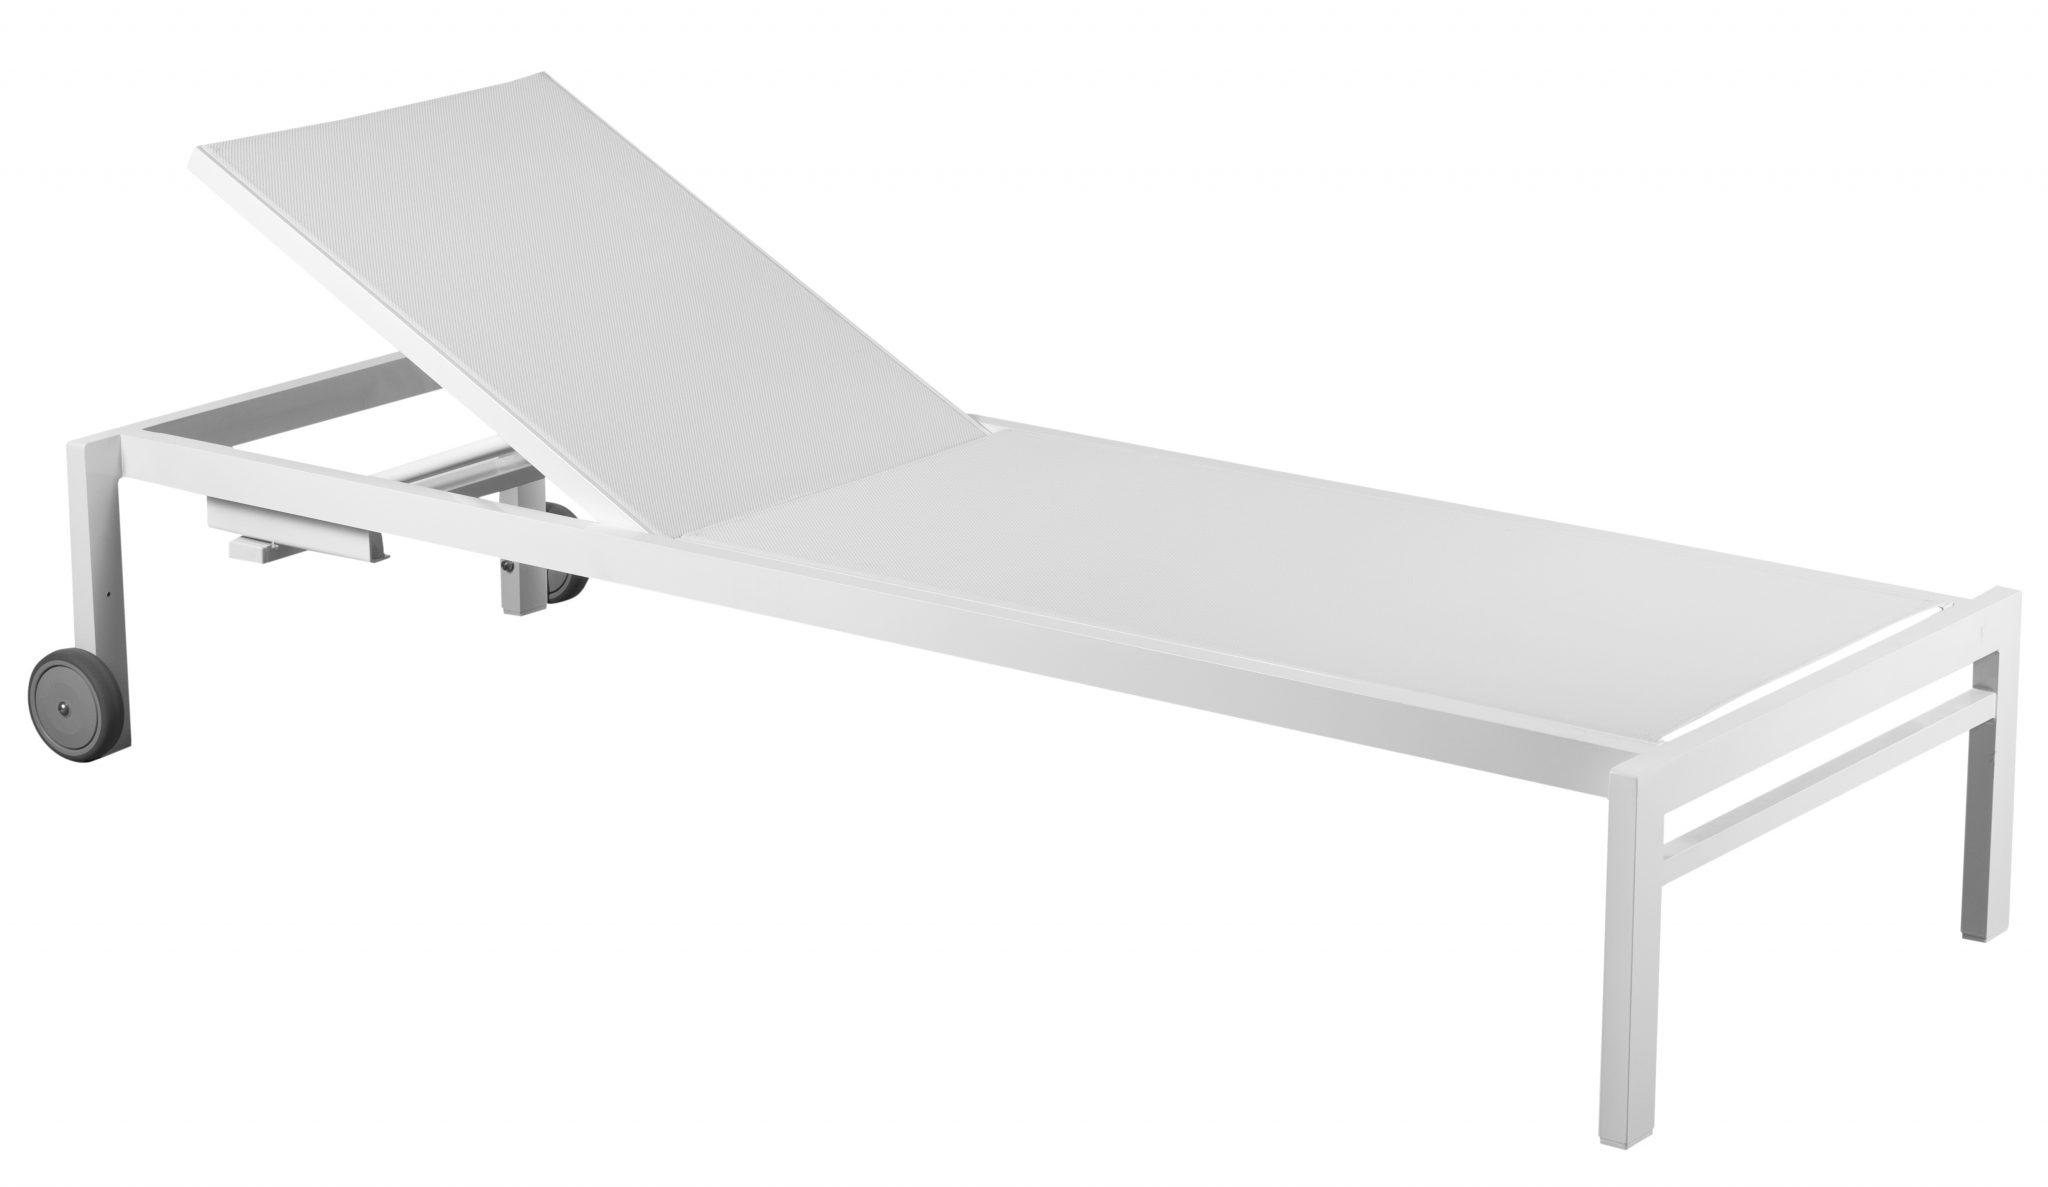 lit de soleil olimpia ubisun 018 ubisun. Black Bedroom Furniture Sets. Home Design Ideas